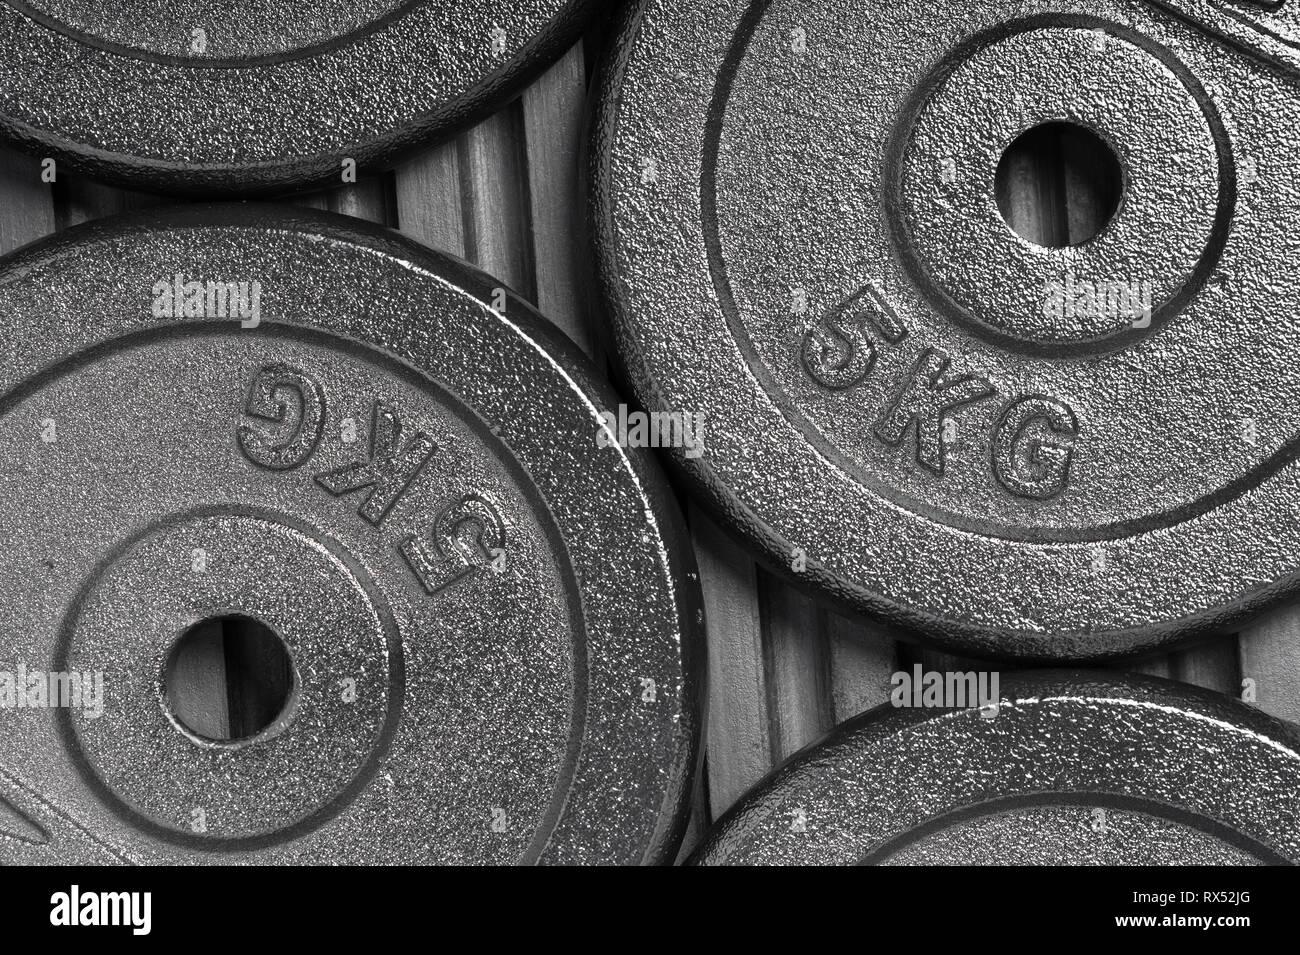 Les plaques de poids sur un sol en caoutchouc noir à l'intérieur d'une formation de poids salle de sport / fitness studio Photo Stock